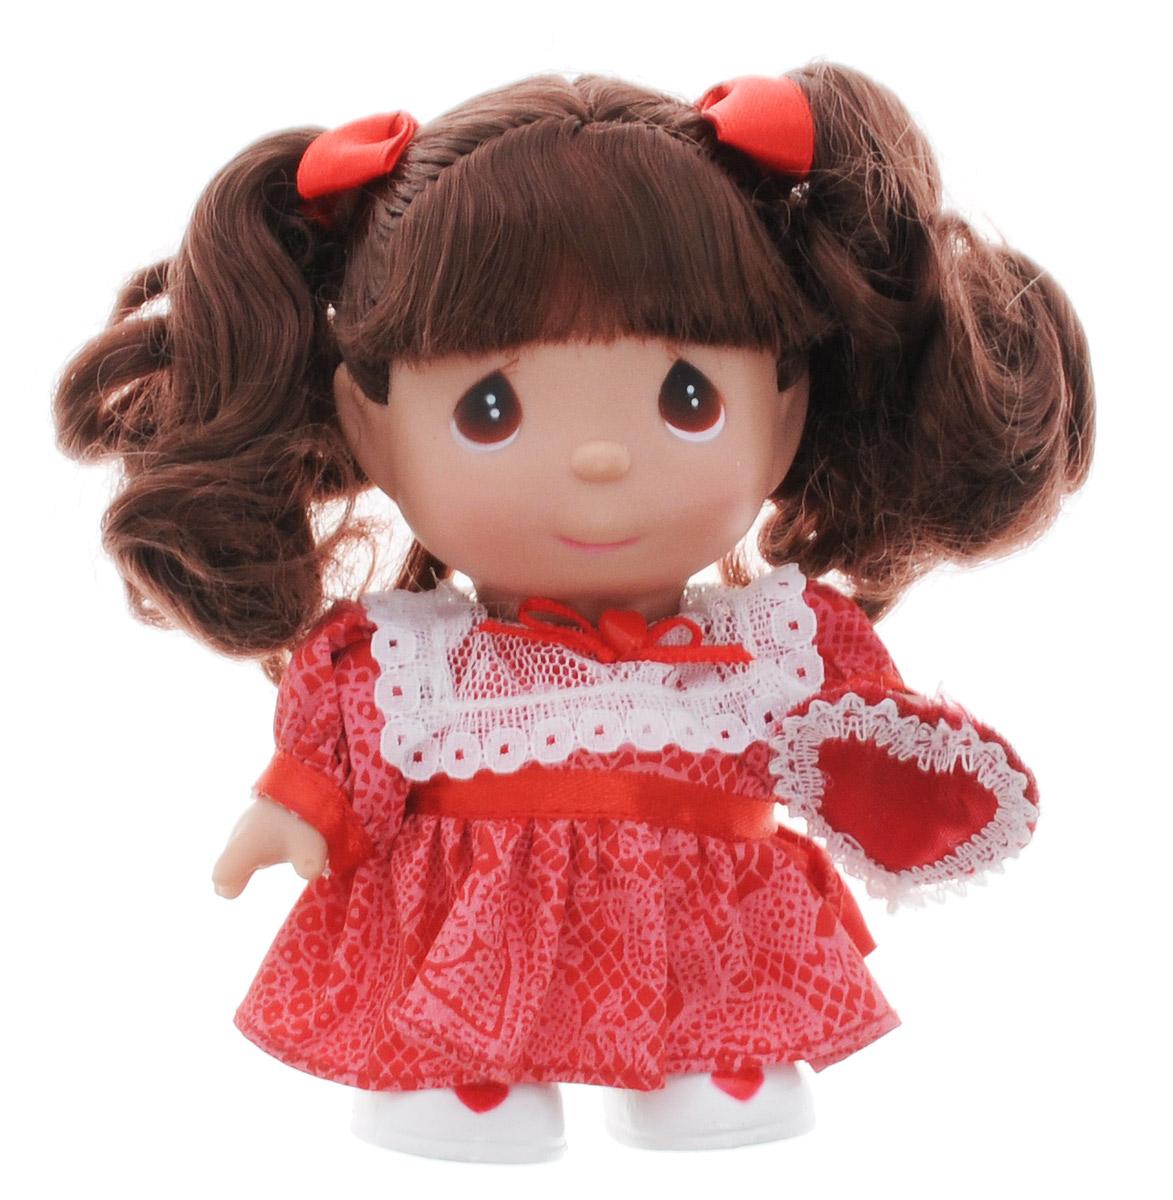 Precious Moments Мини-кукла Февраль купить платье мини красное